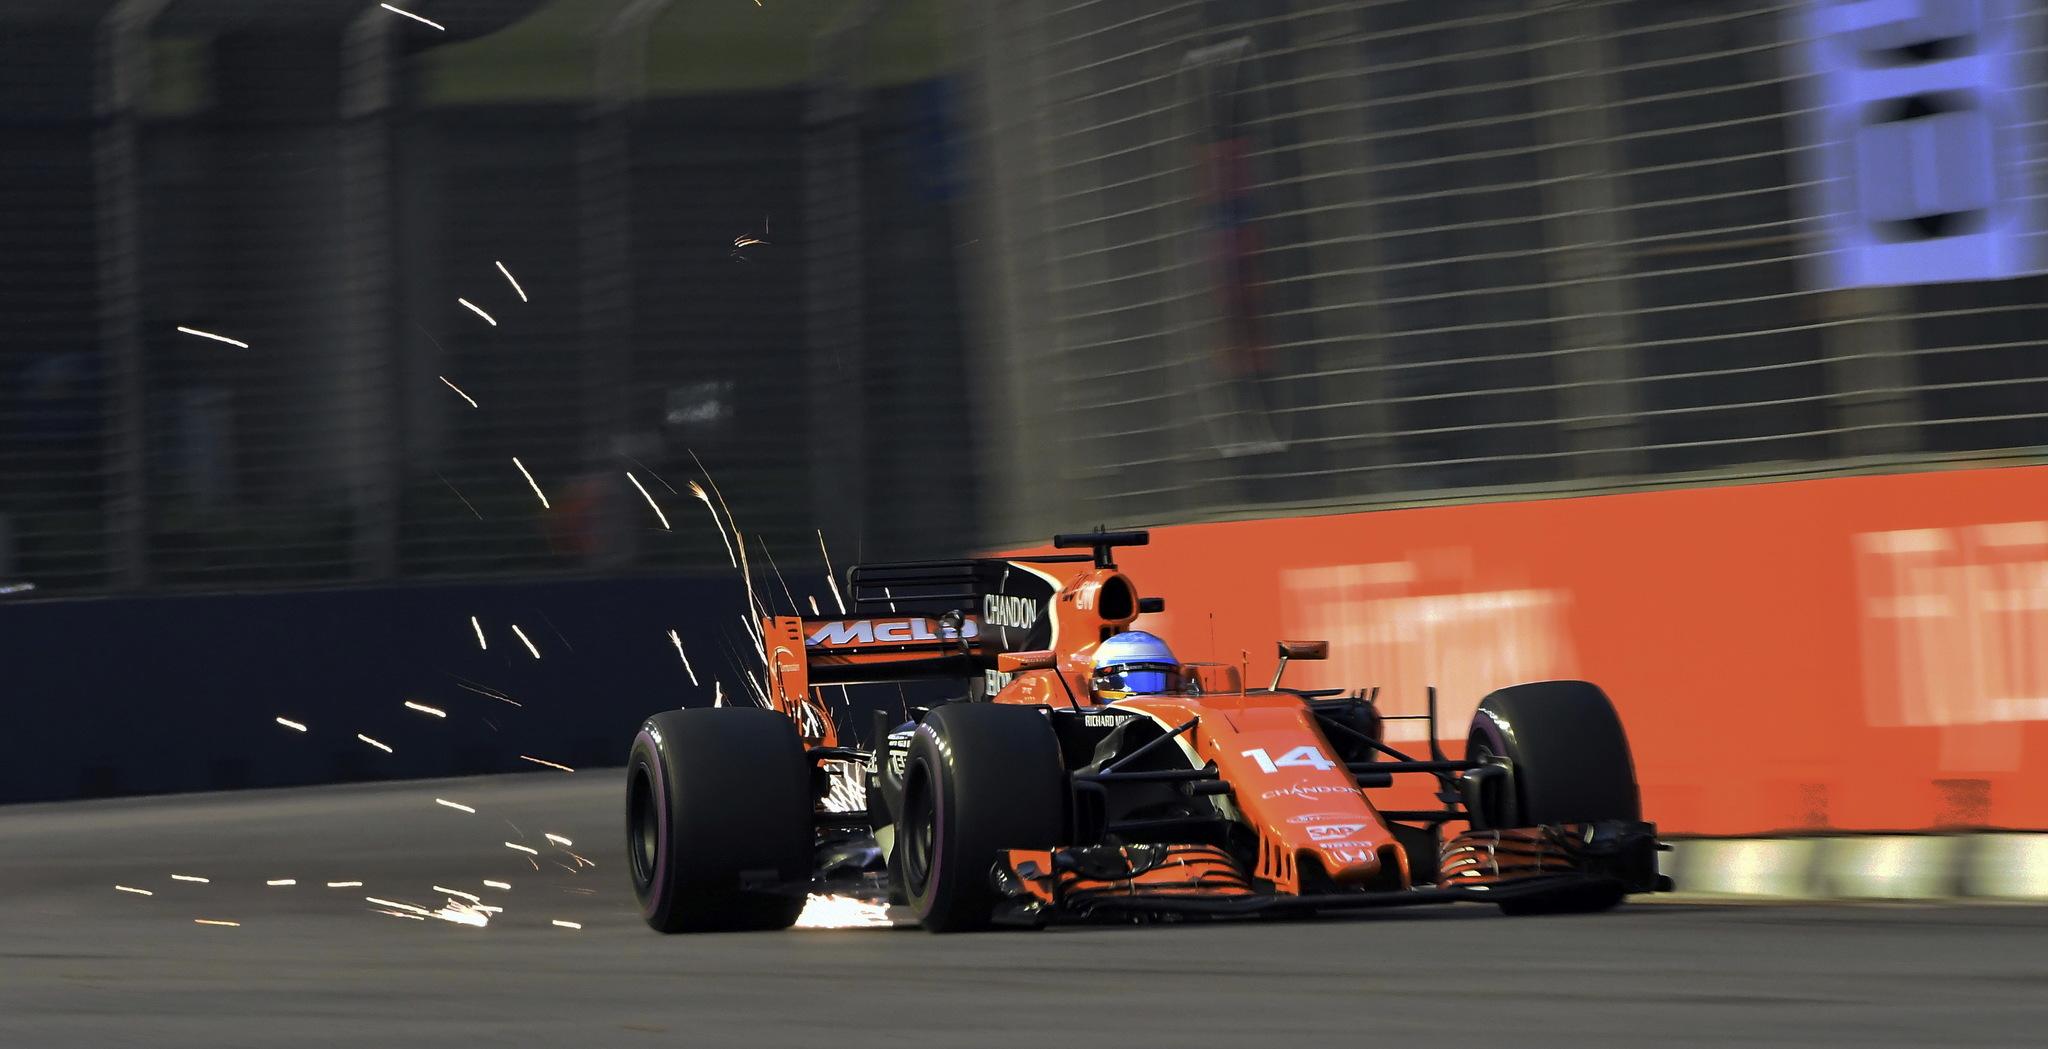 Alonso en el MCL32 en Singapur 2017